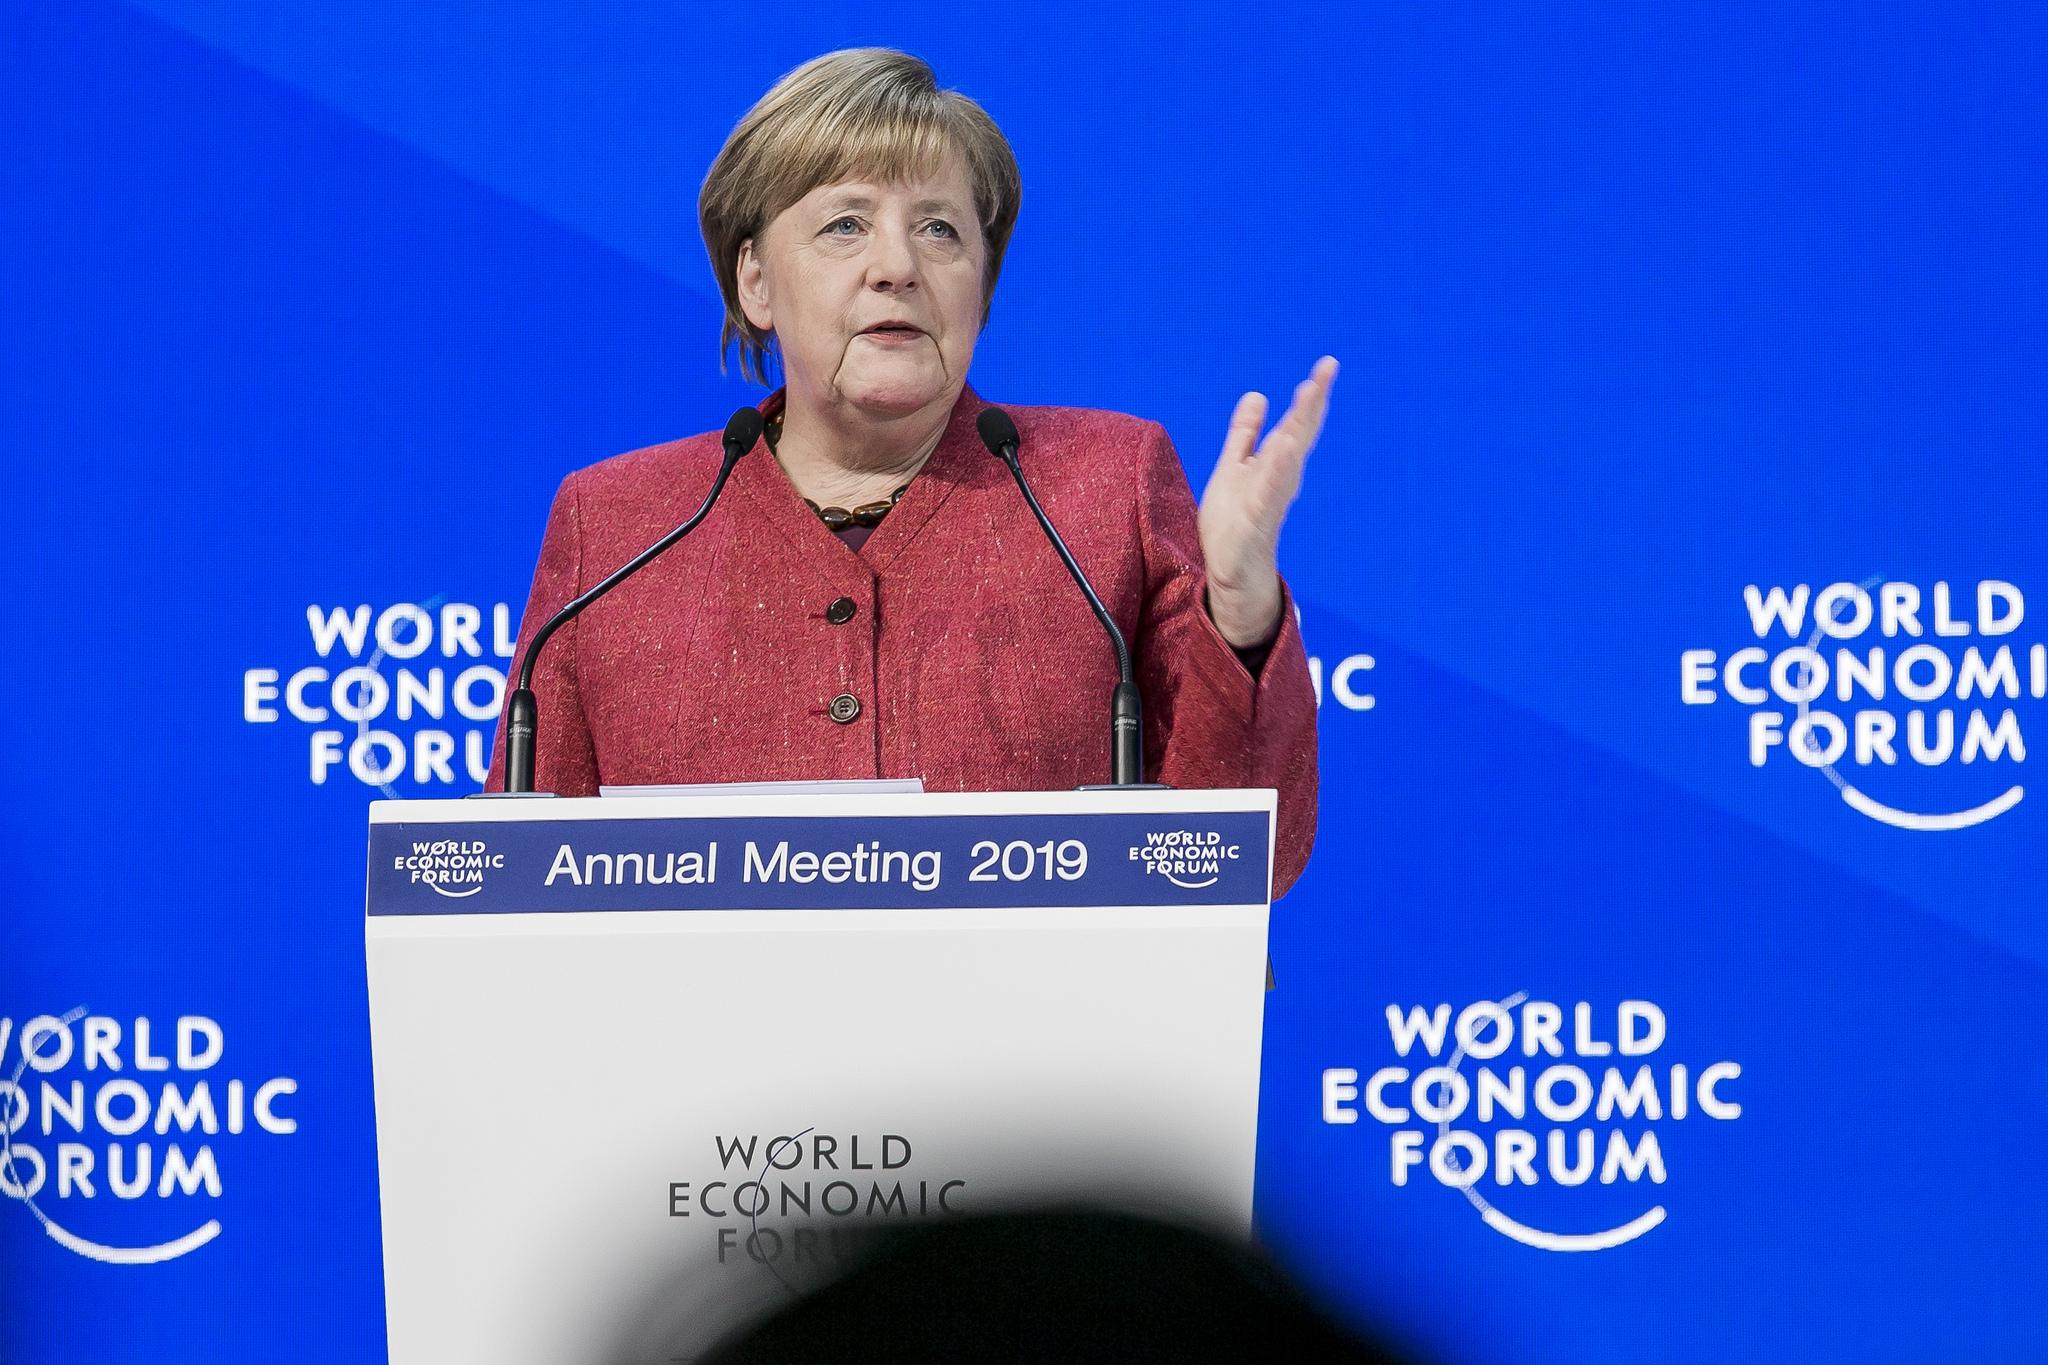 Angela Merkel, Chanceler da Alemanha desde 2005, ficou em situação complicada com os países da União Europeia durante a crise dos refugiados